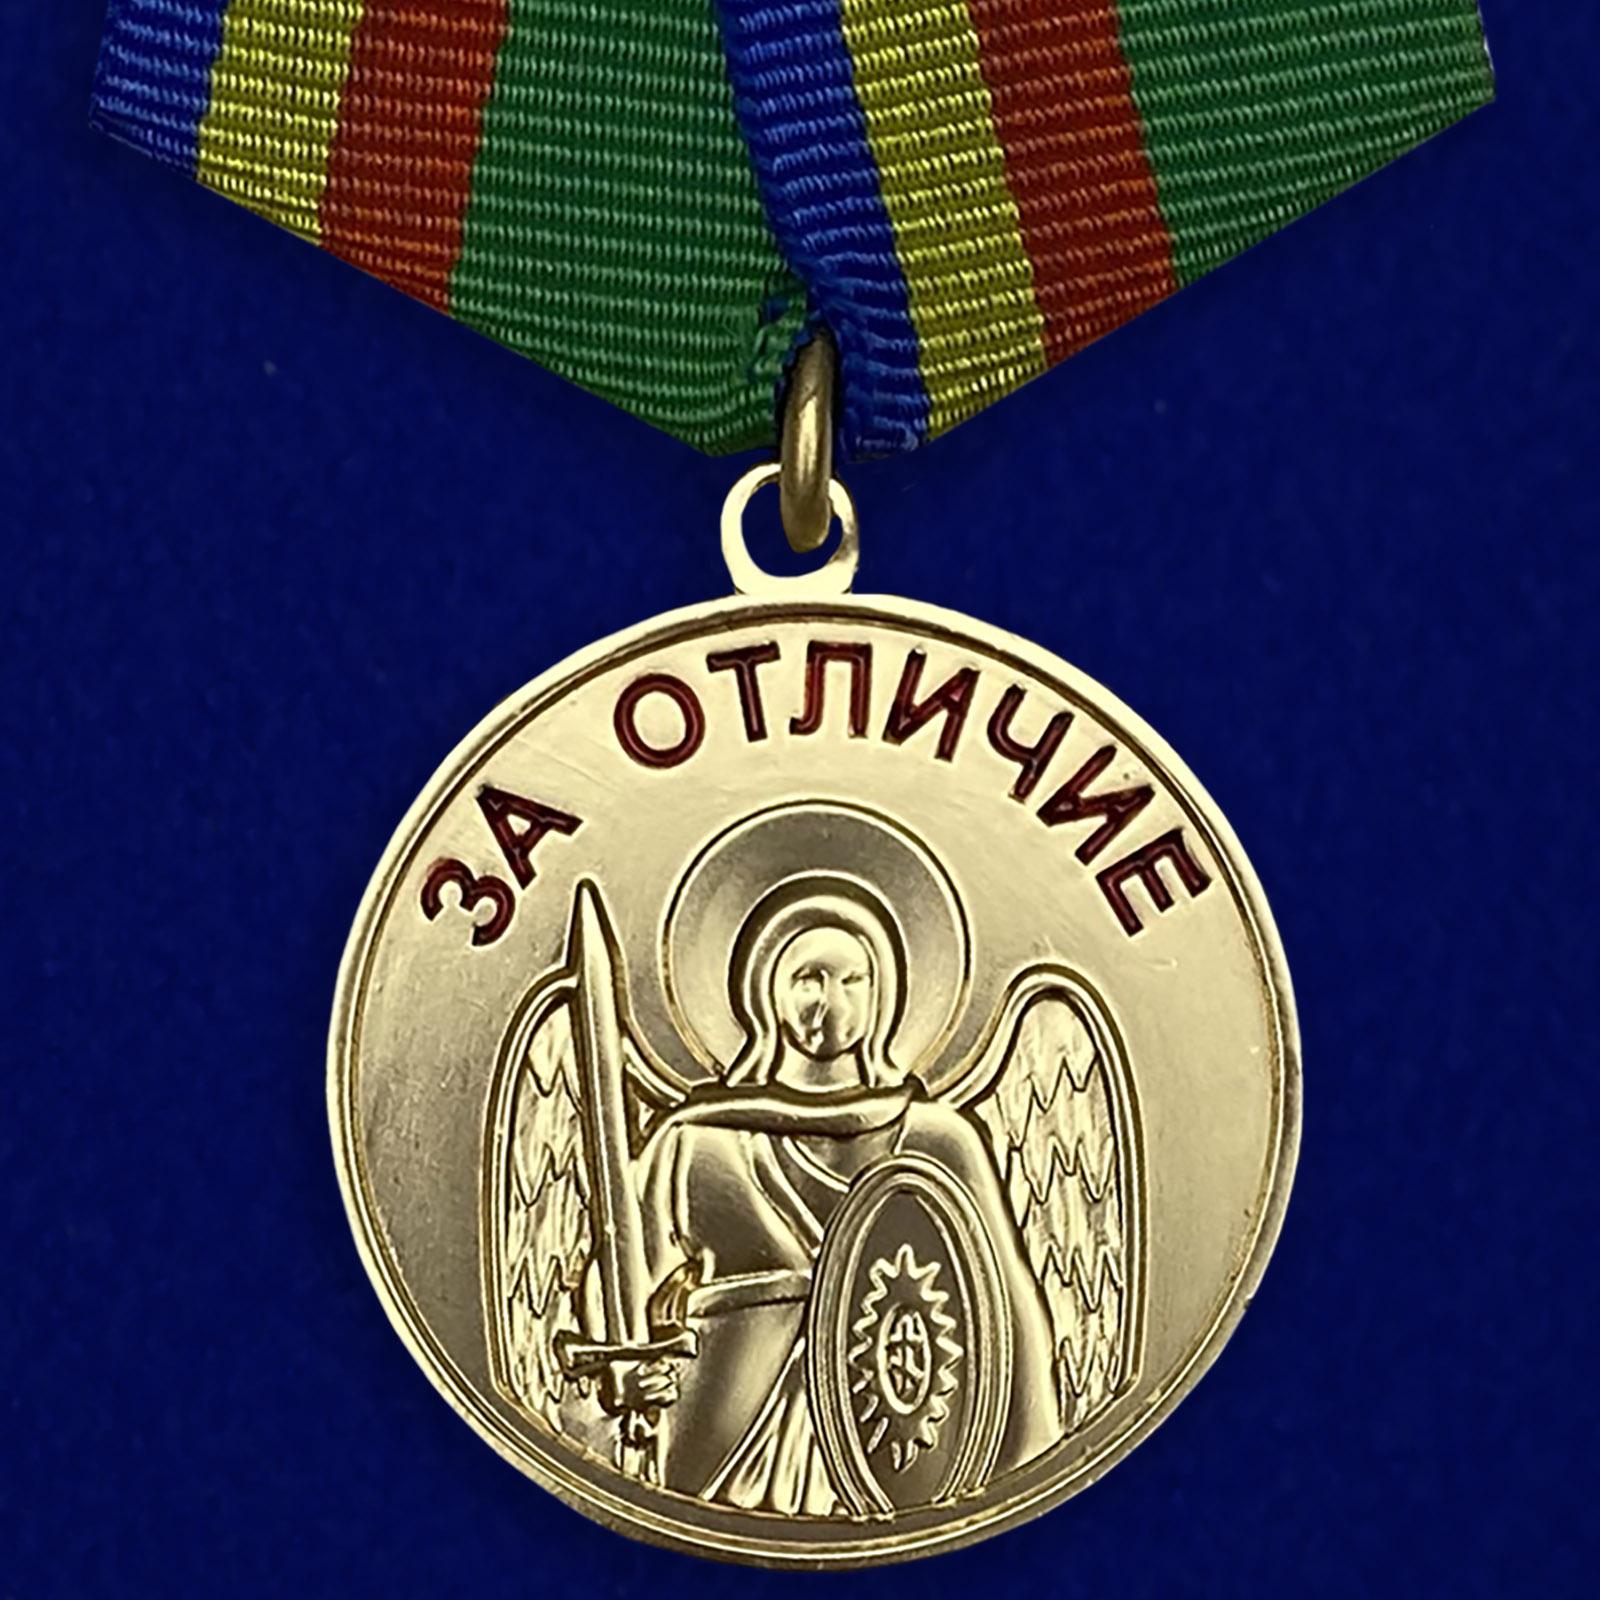 """Медаль """"За отличие"""" Архангела Михаила-лицевая сторона"""